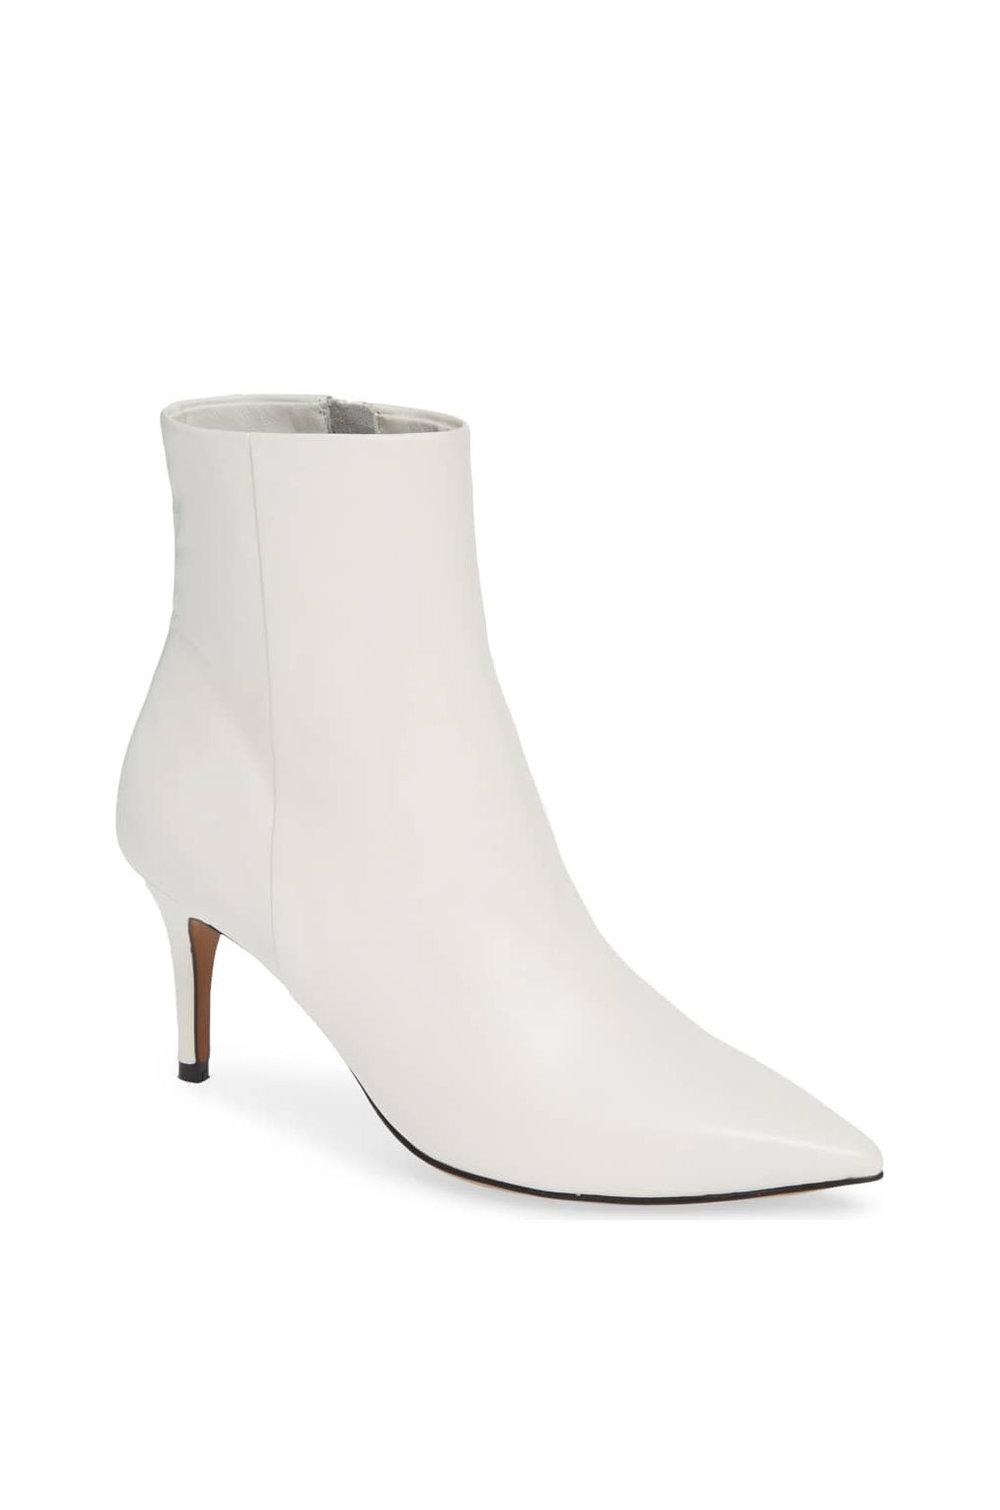 Linea Paolo White Boots     $159.95